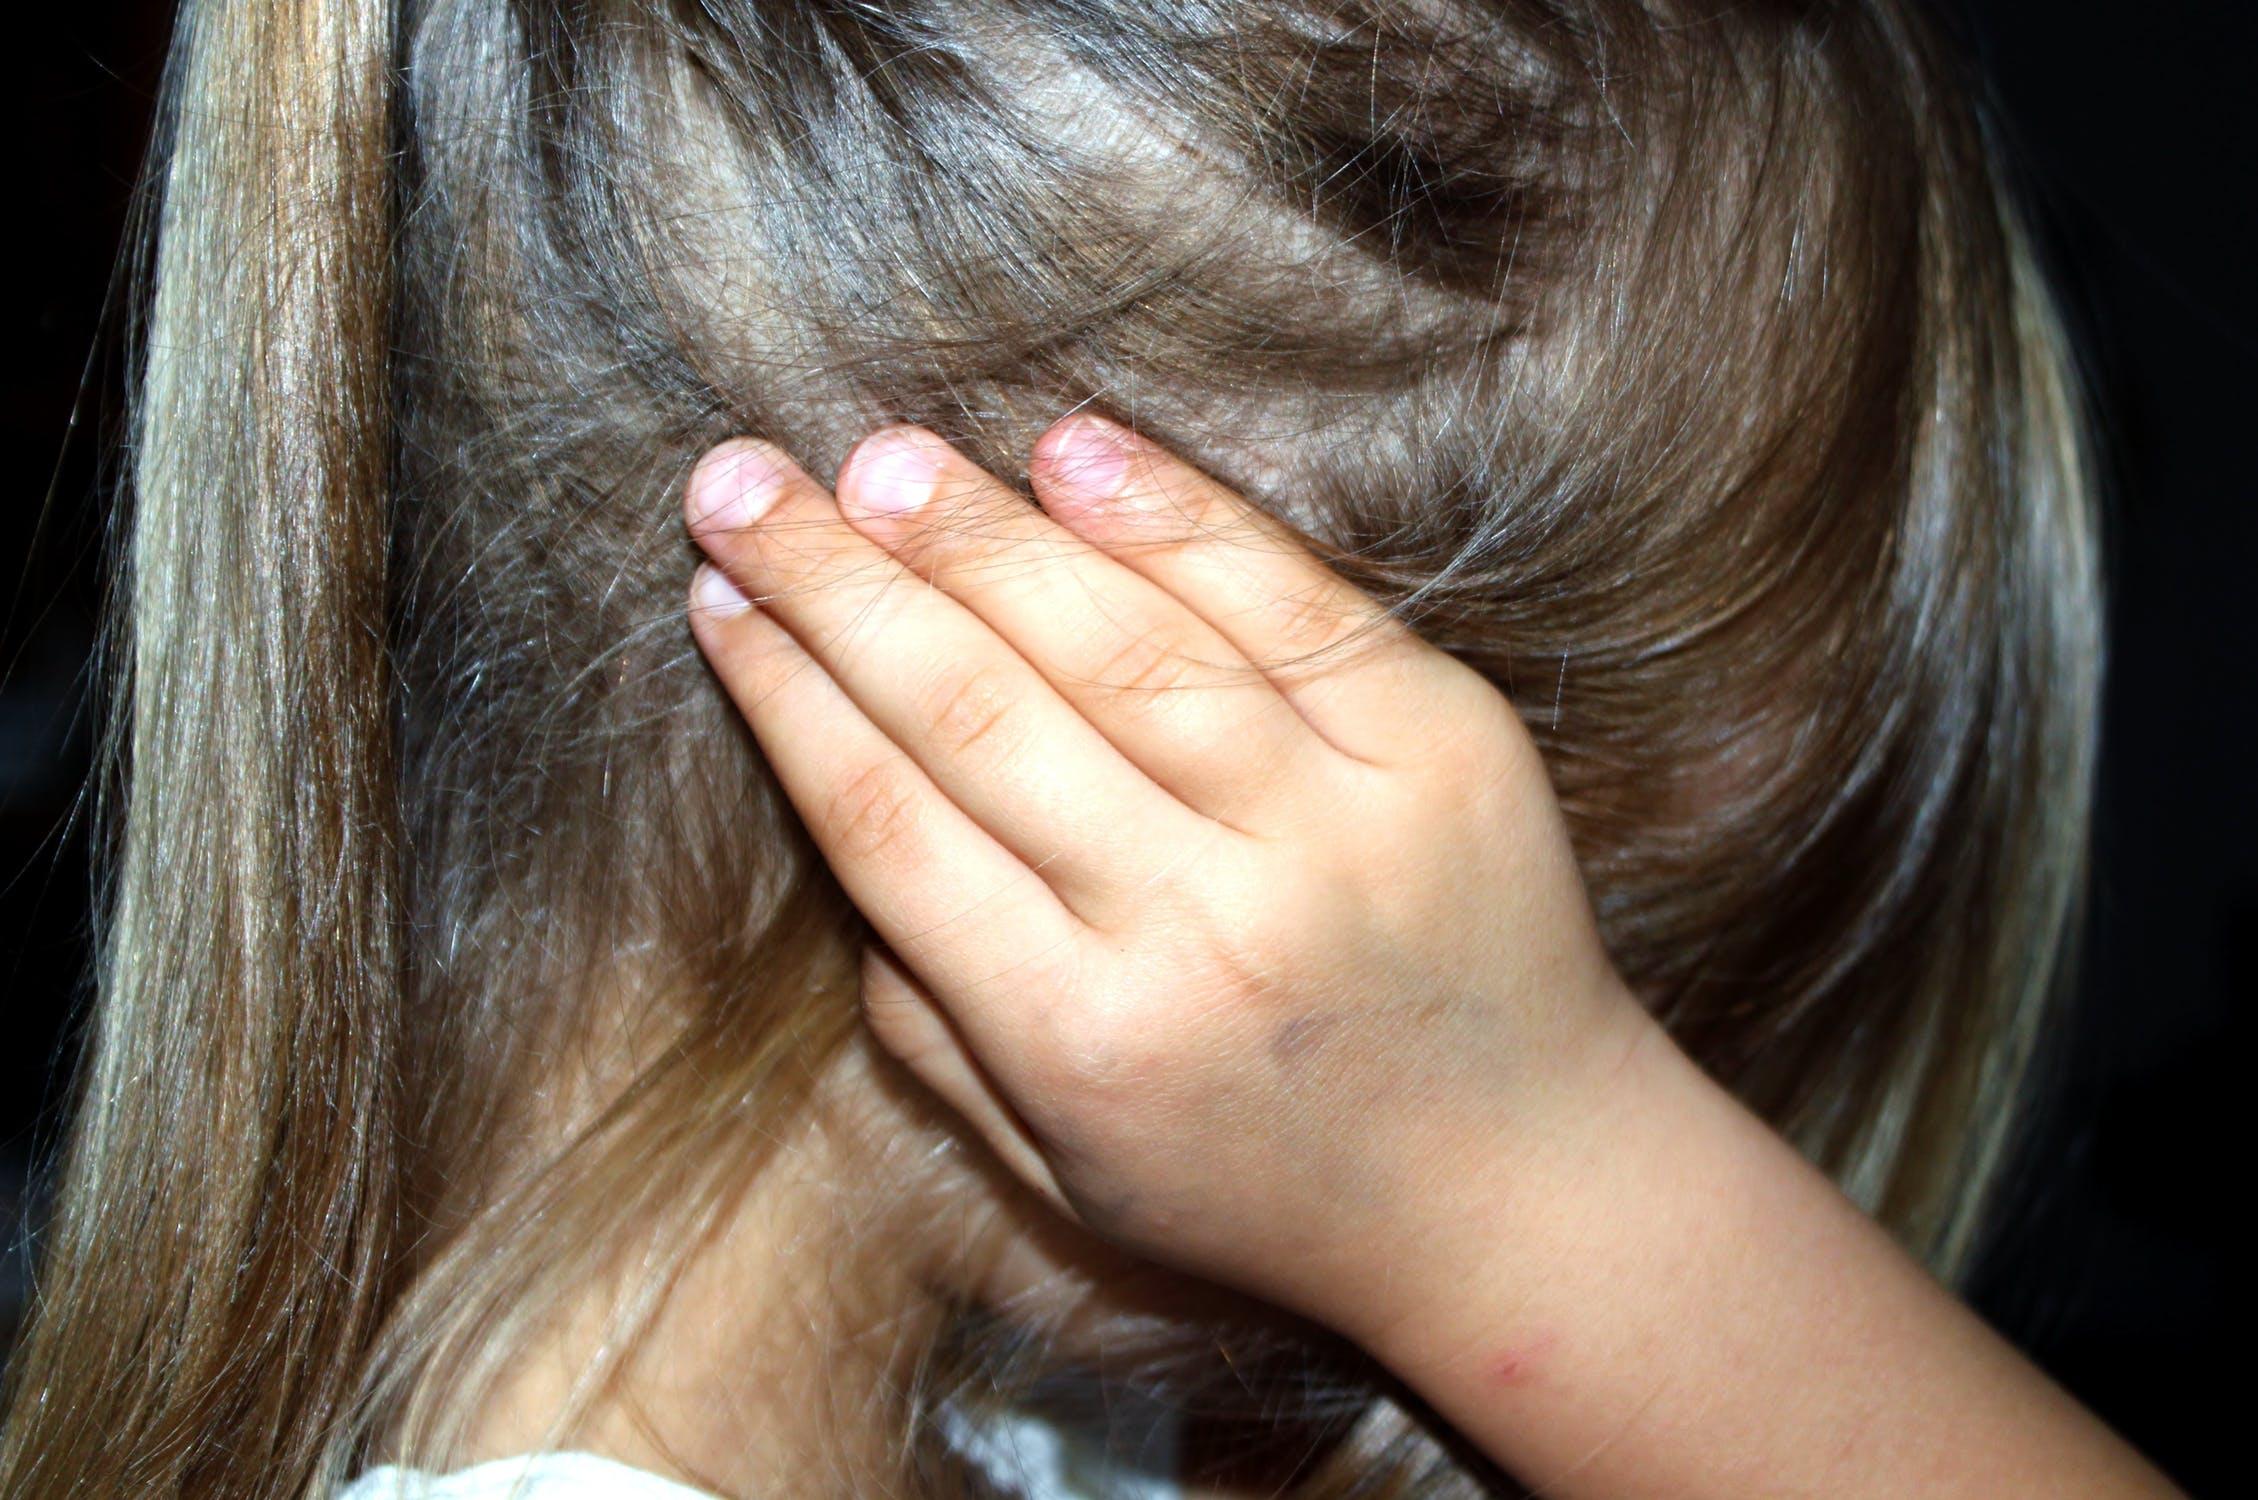 Niña asustada cubriendo sus oídos. | Imagen: Pexels